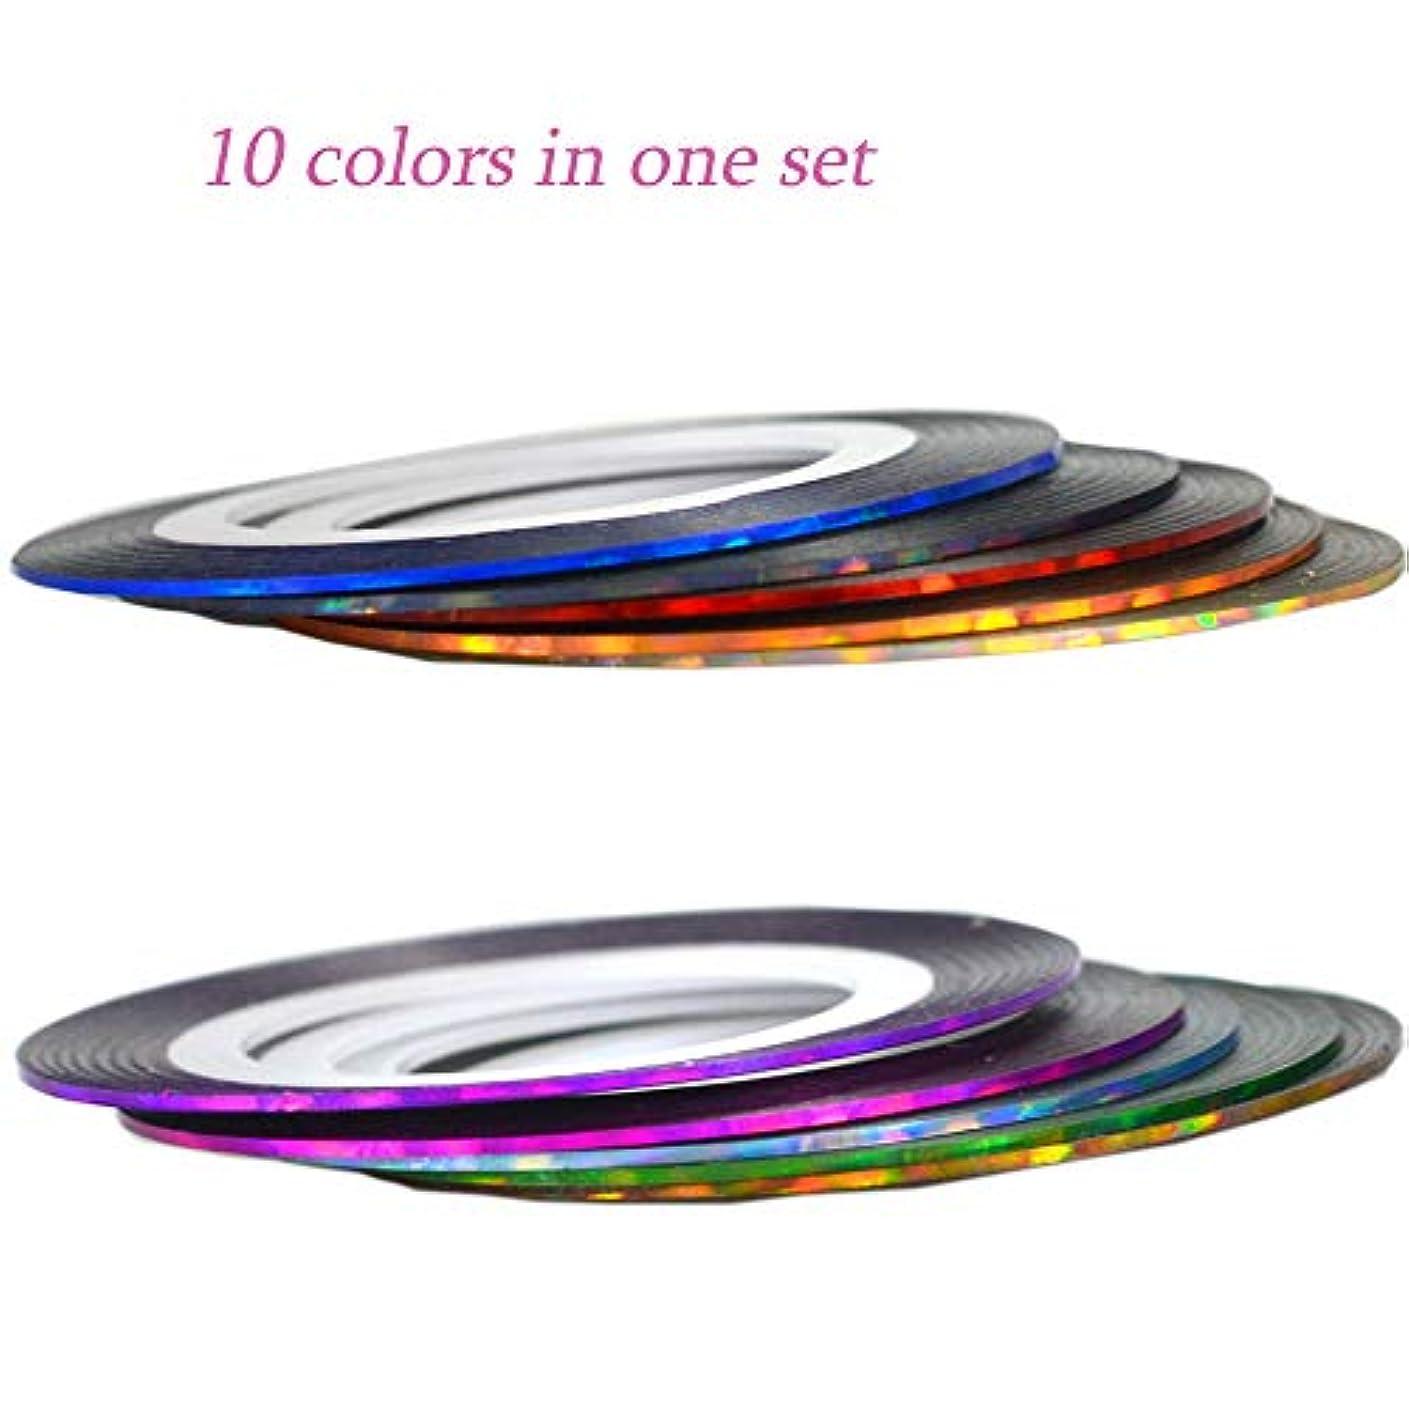 リボン汚染された懸念SUKTI&XIAO ネイルステッカー 10色0.8ミリメートル光沢のあるロールネイルストライピングテープラインヒントuvジェルメタリックネイルアートインテリアステッカーデカールツールマニキュア